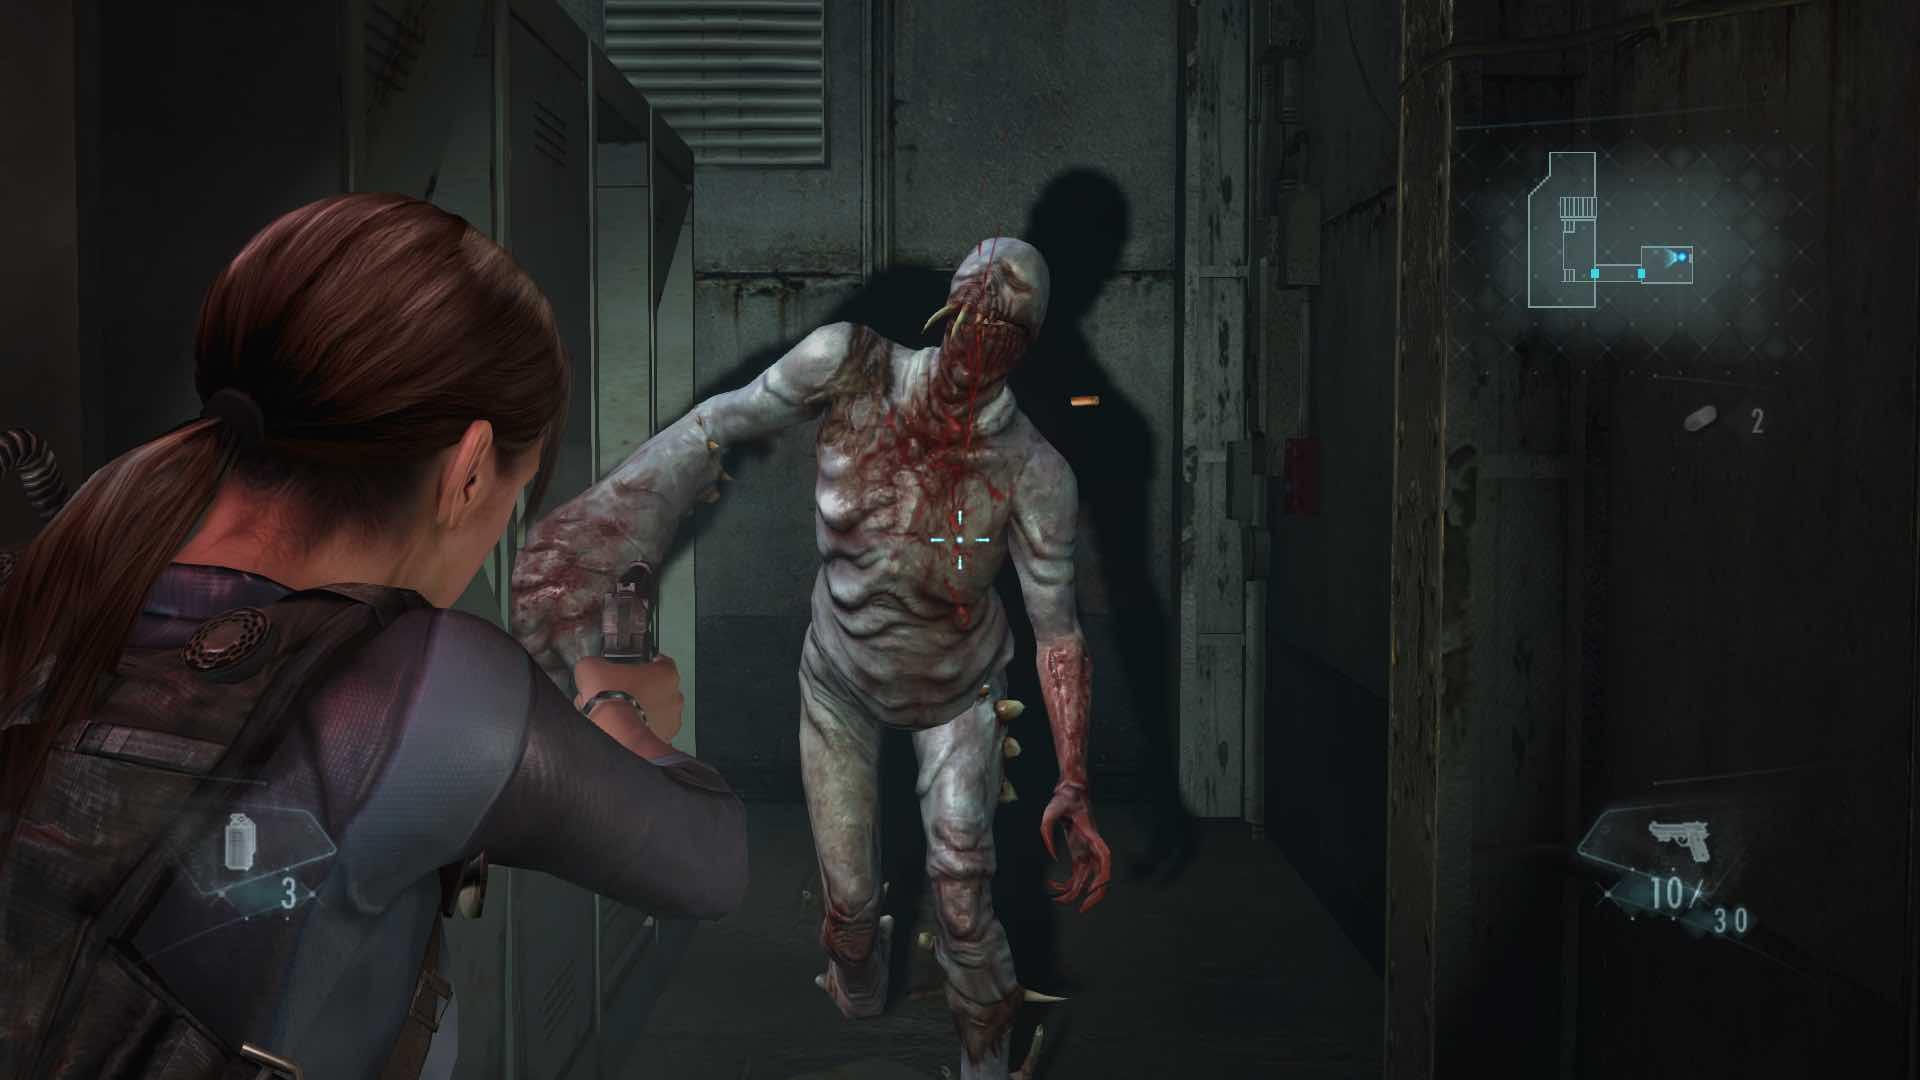 resident-evil-revelations-chronicles-screenshot-1